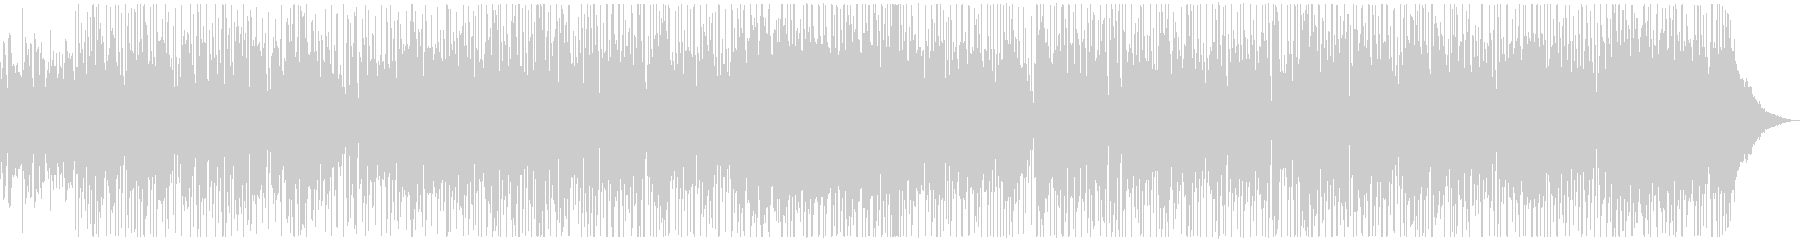 サックスの深夜帯CM風ロックの未再生の波形